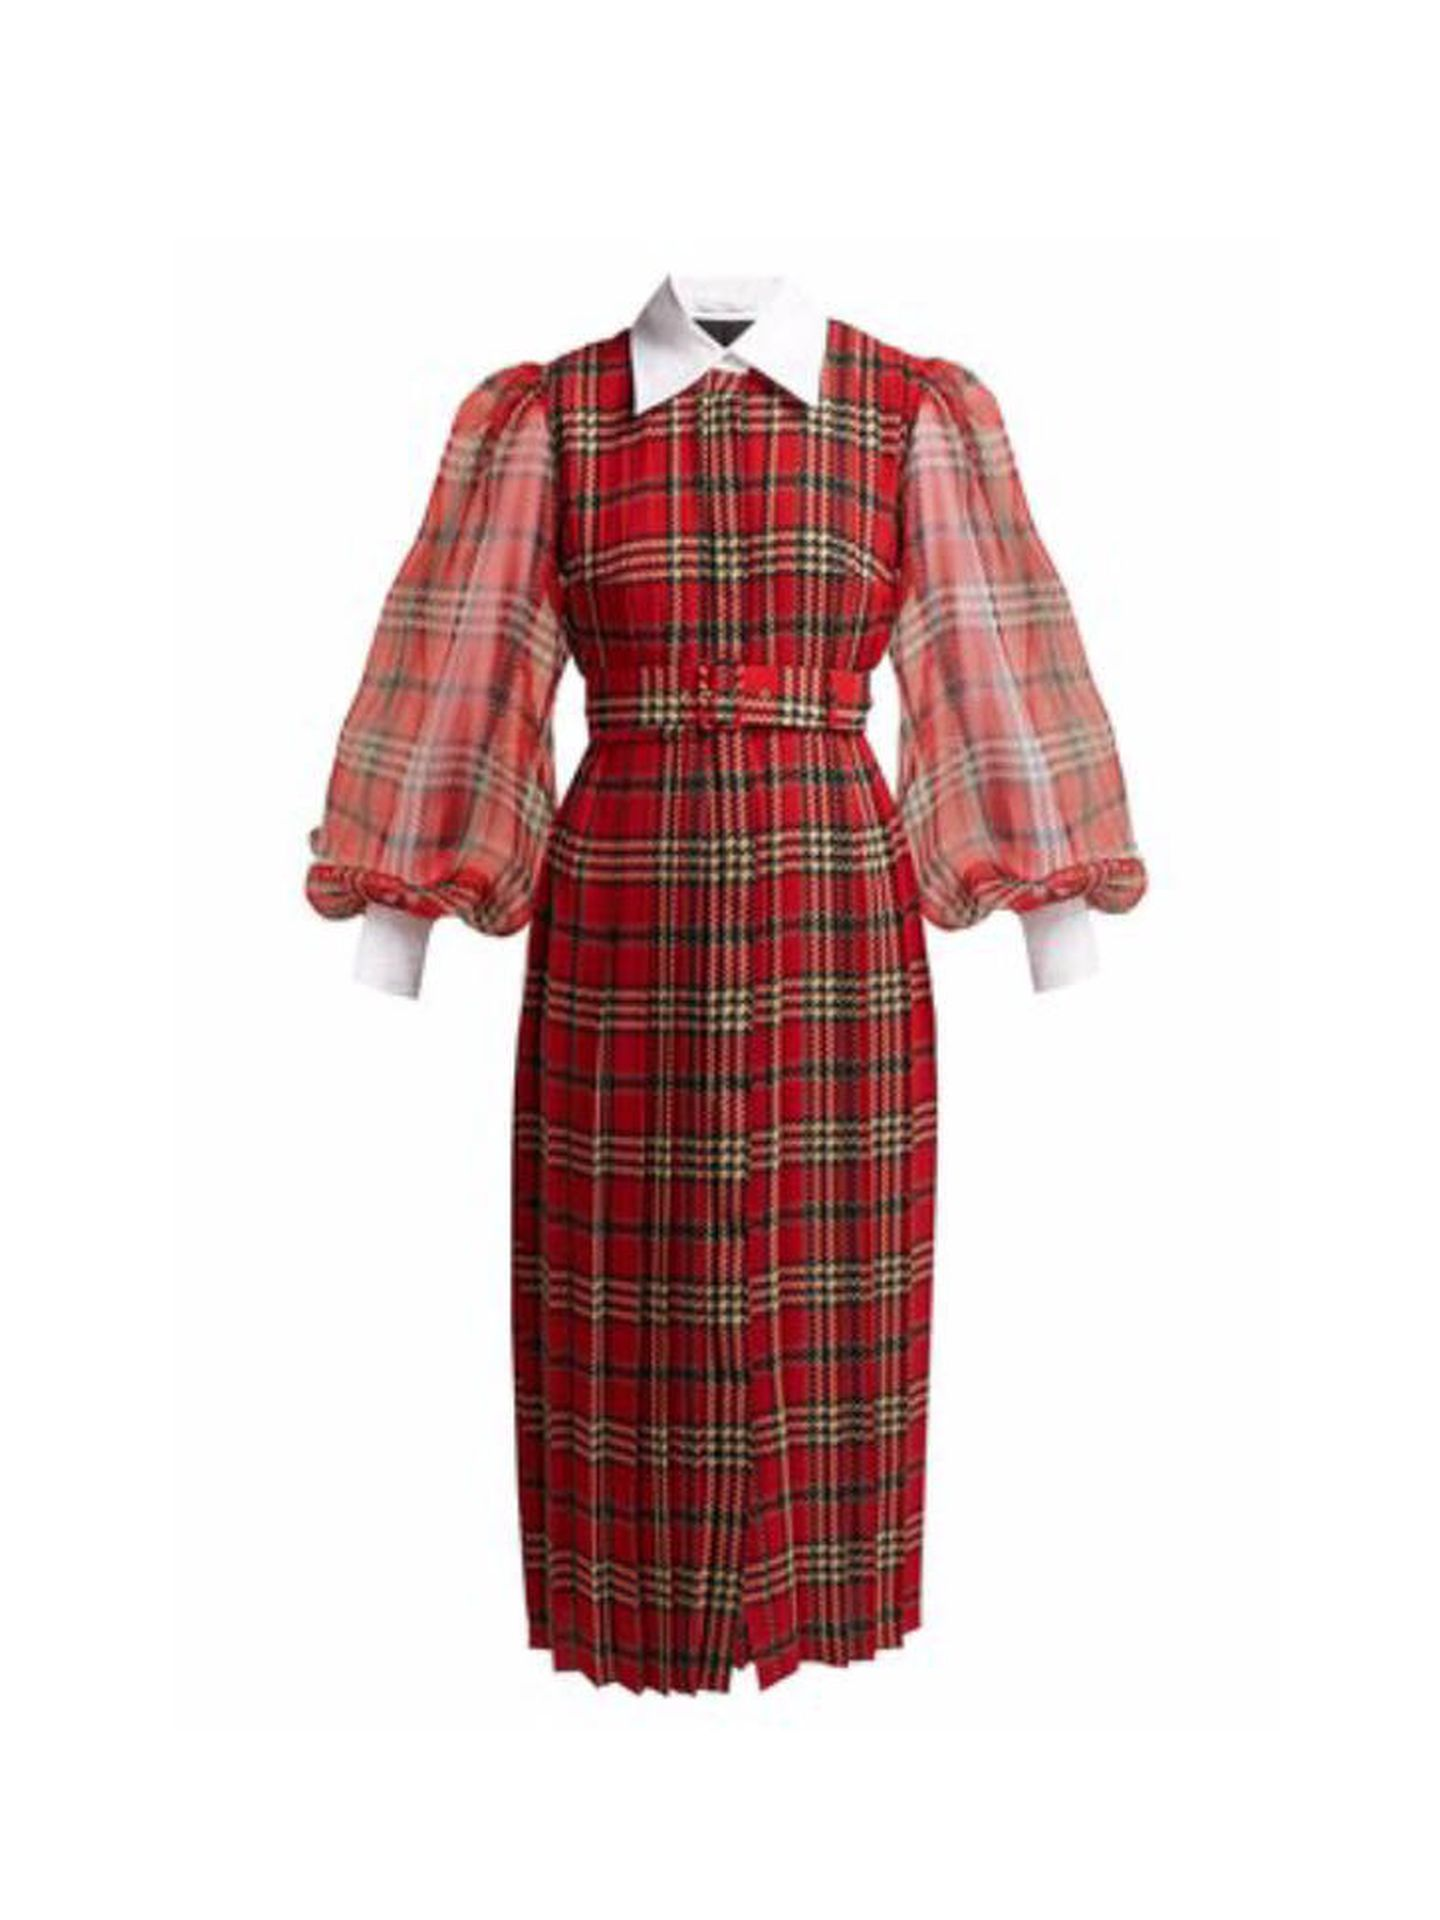 Vestido de Emilia Wickstead. (Cortesía)